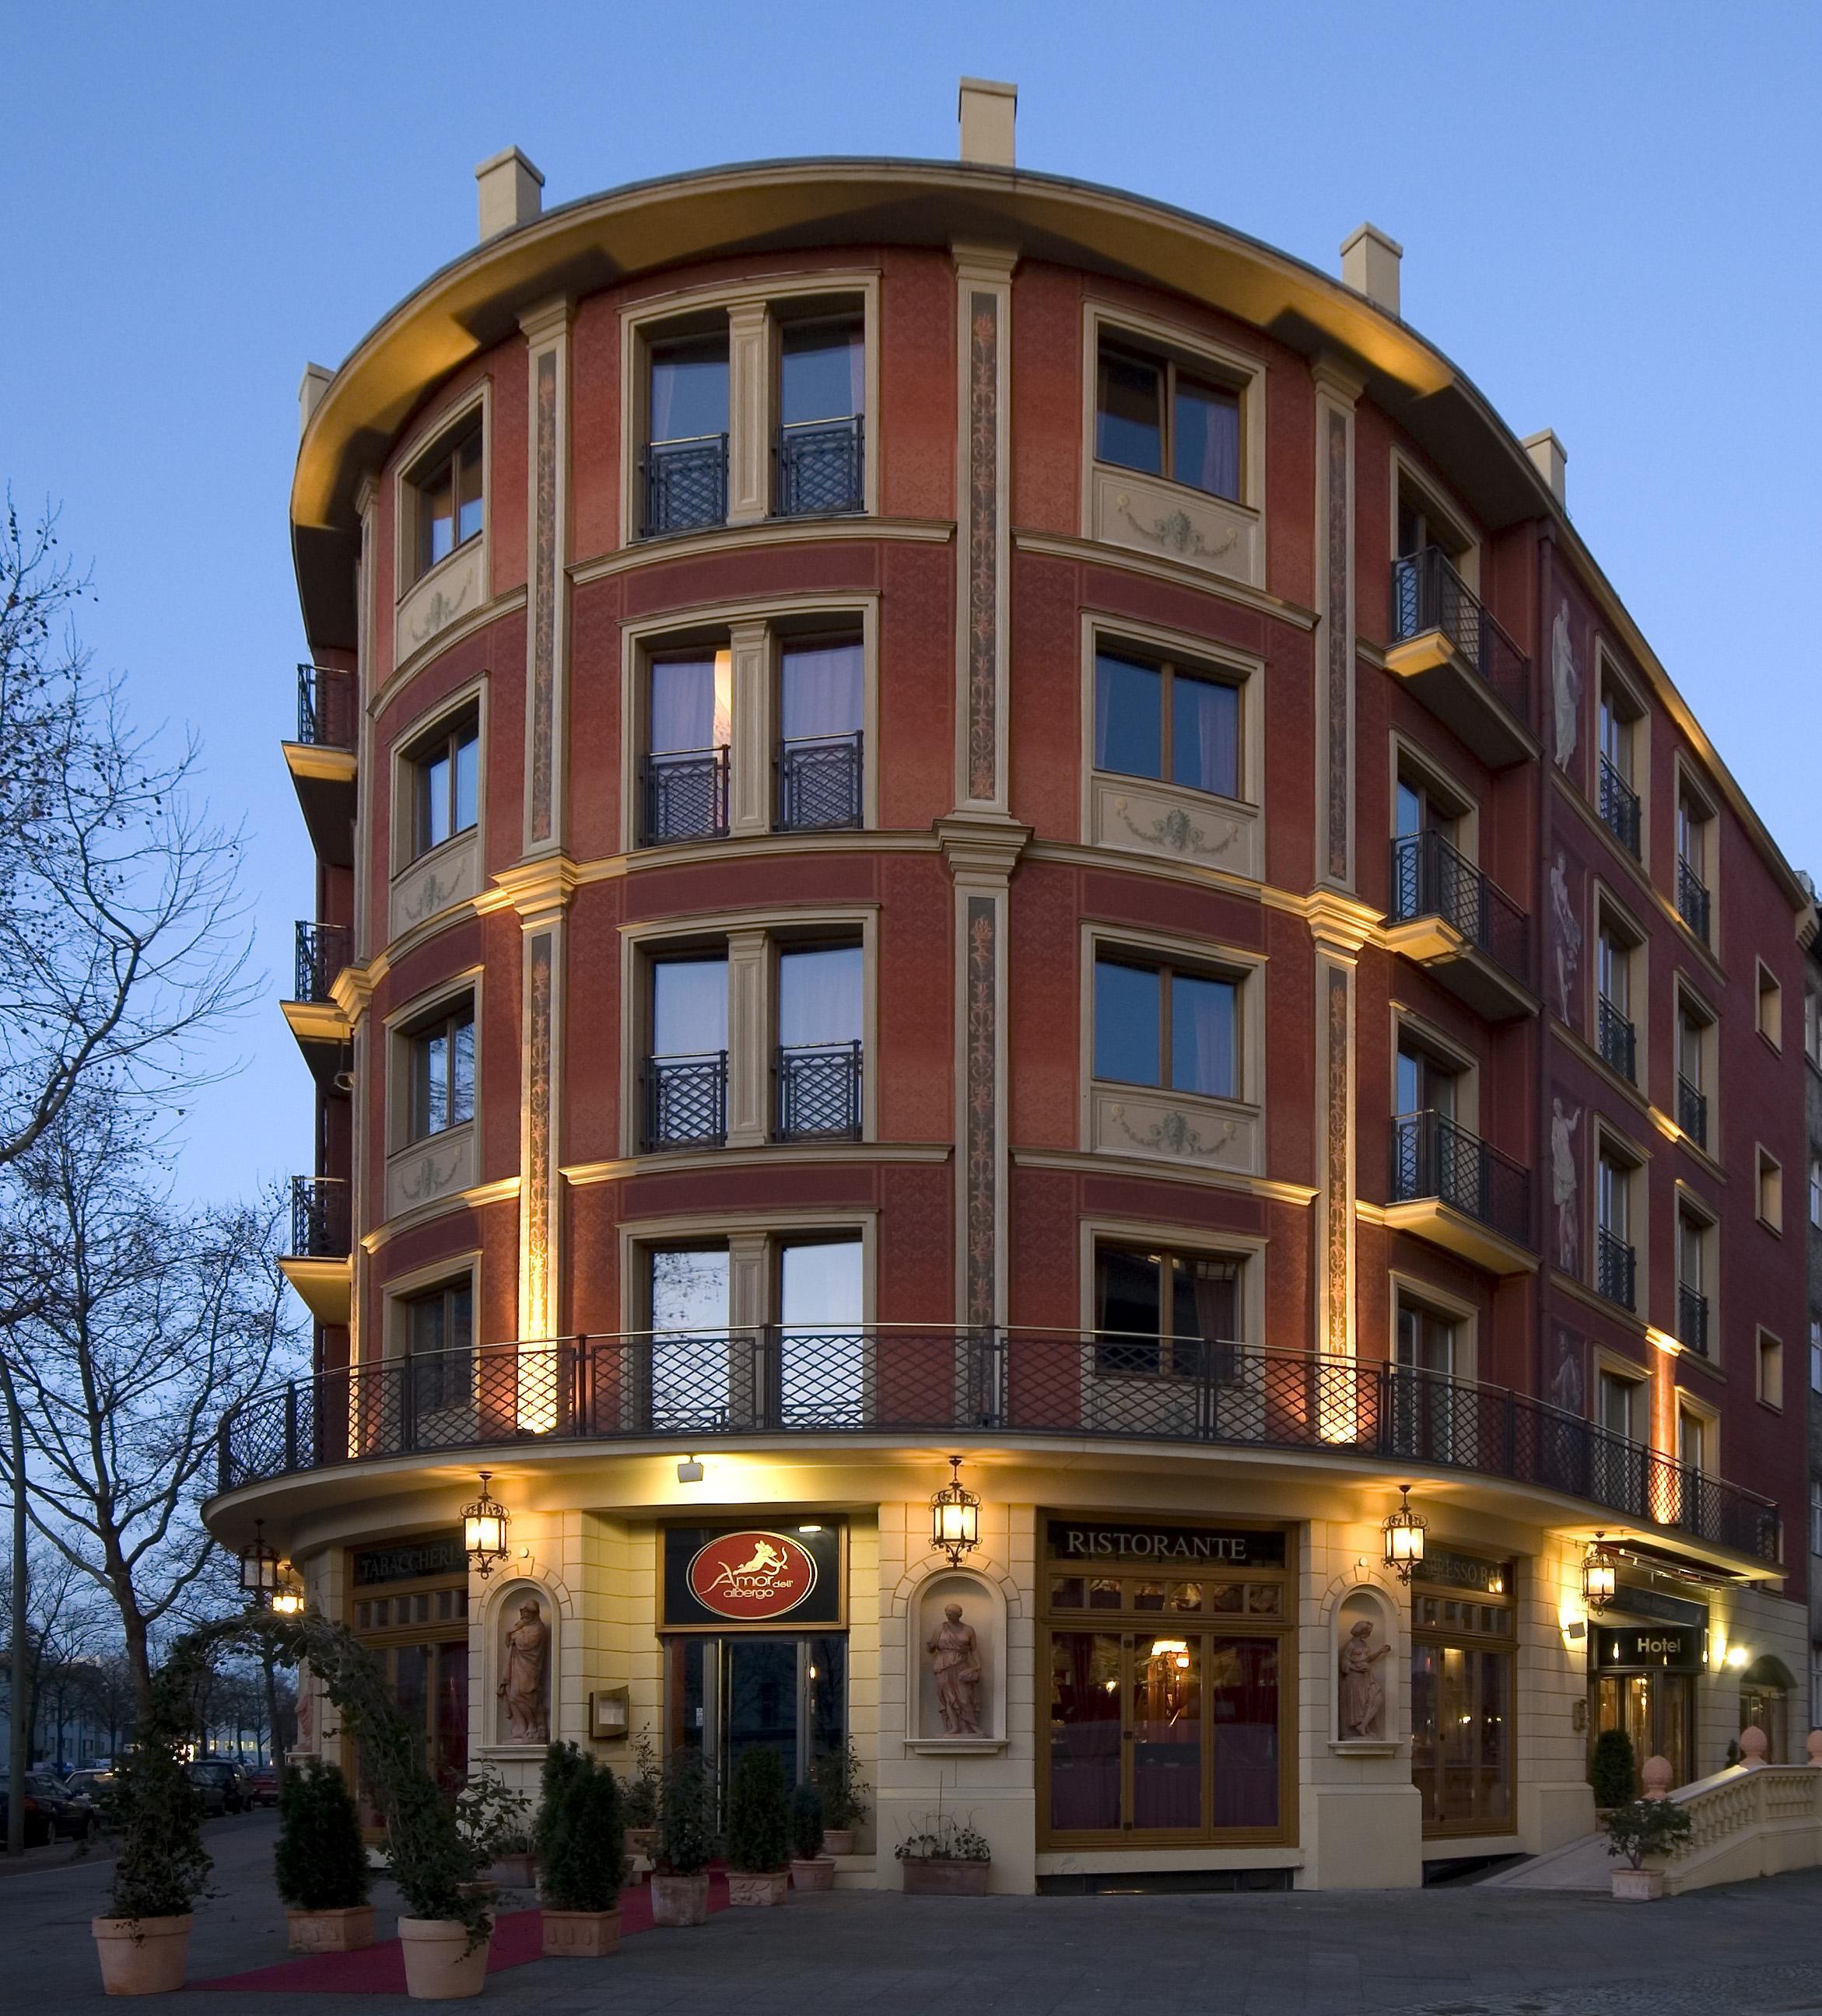 3 tage berlin kudamm alex reichstag kurz urlaub 3 hotel st dtereise kurztrip ebay. Black Bedroom Furniture Sets. Home Design Ideas